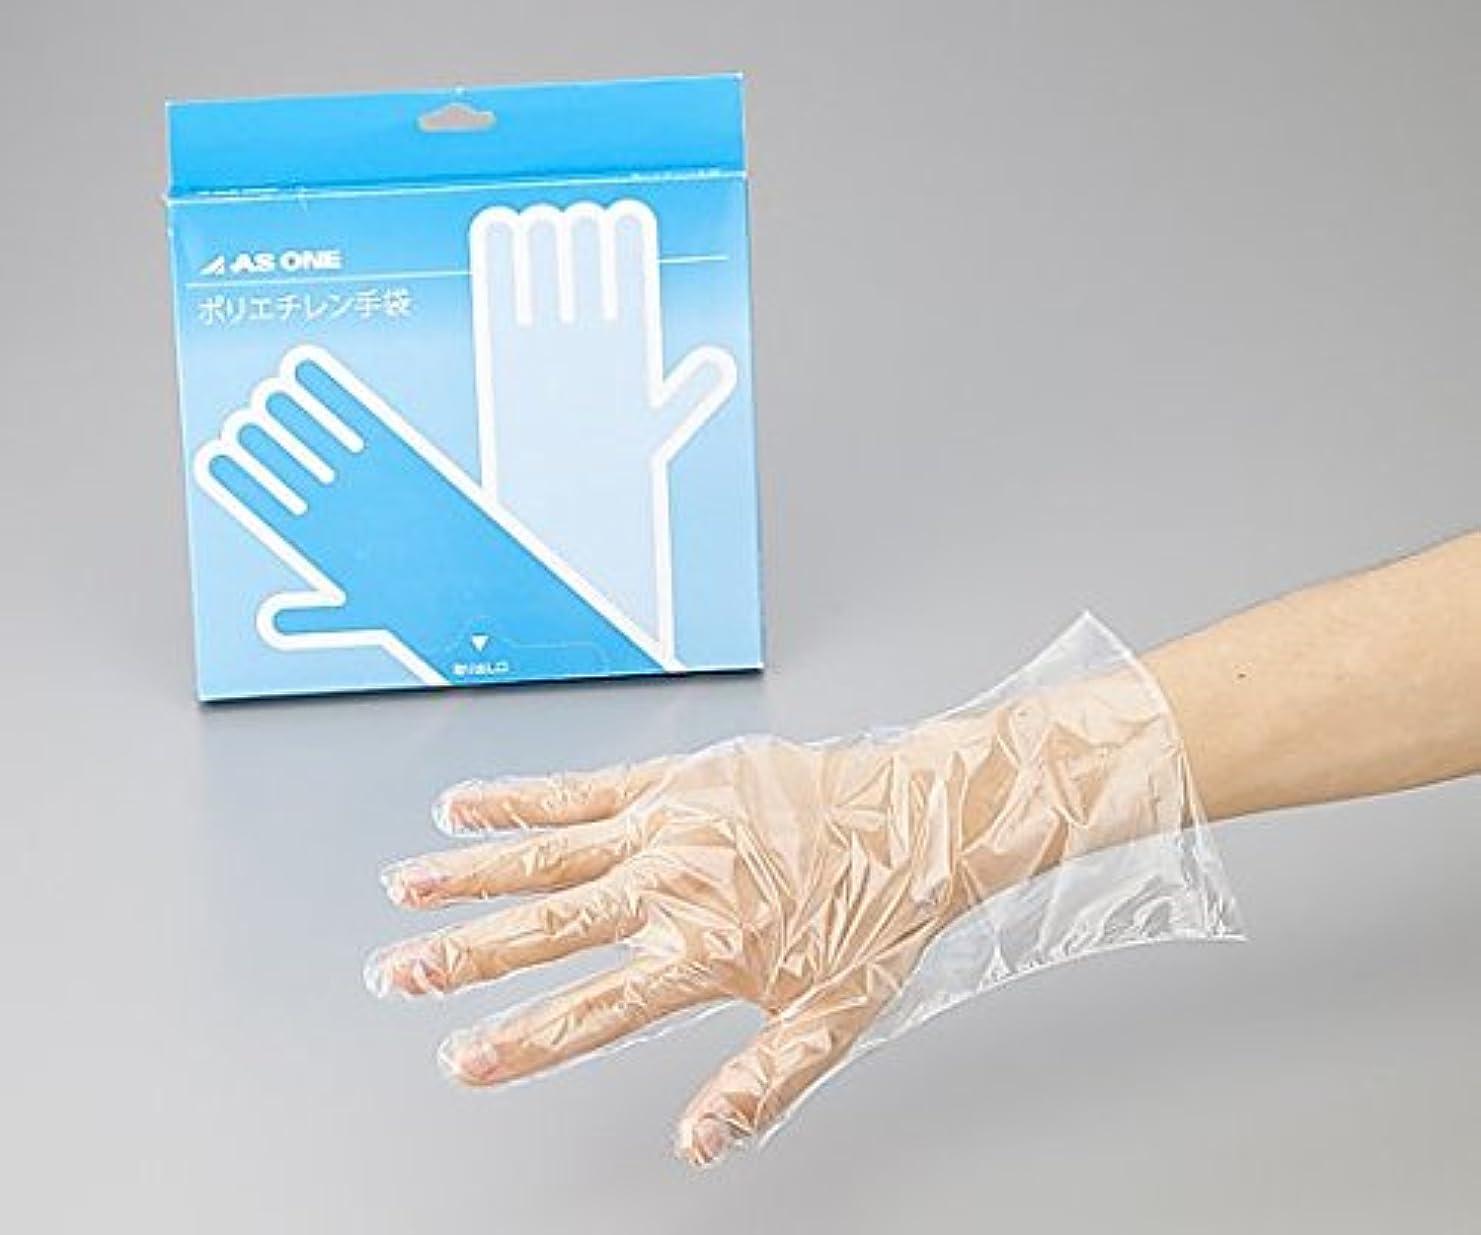 ファイバ保存する宅配便アズワン2-4972-01ポリエチレン手袋エコノミー薄手L100枚入